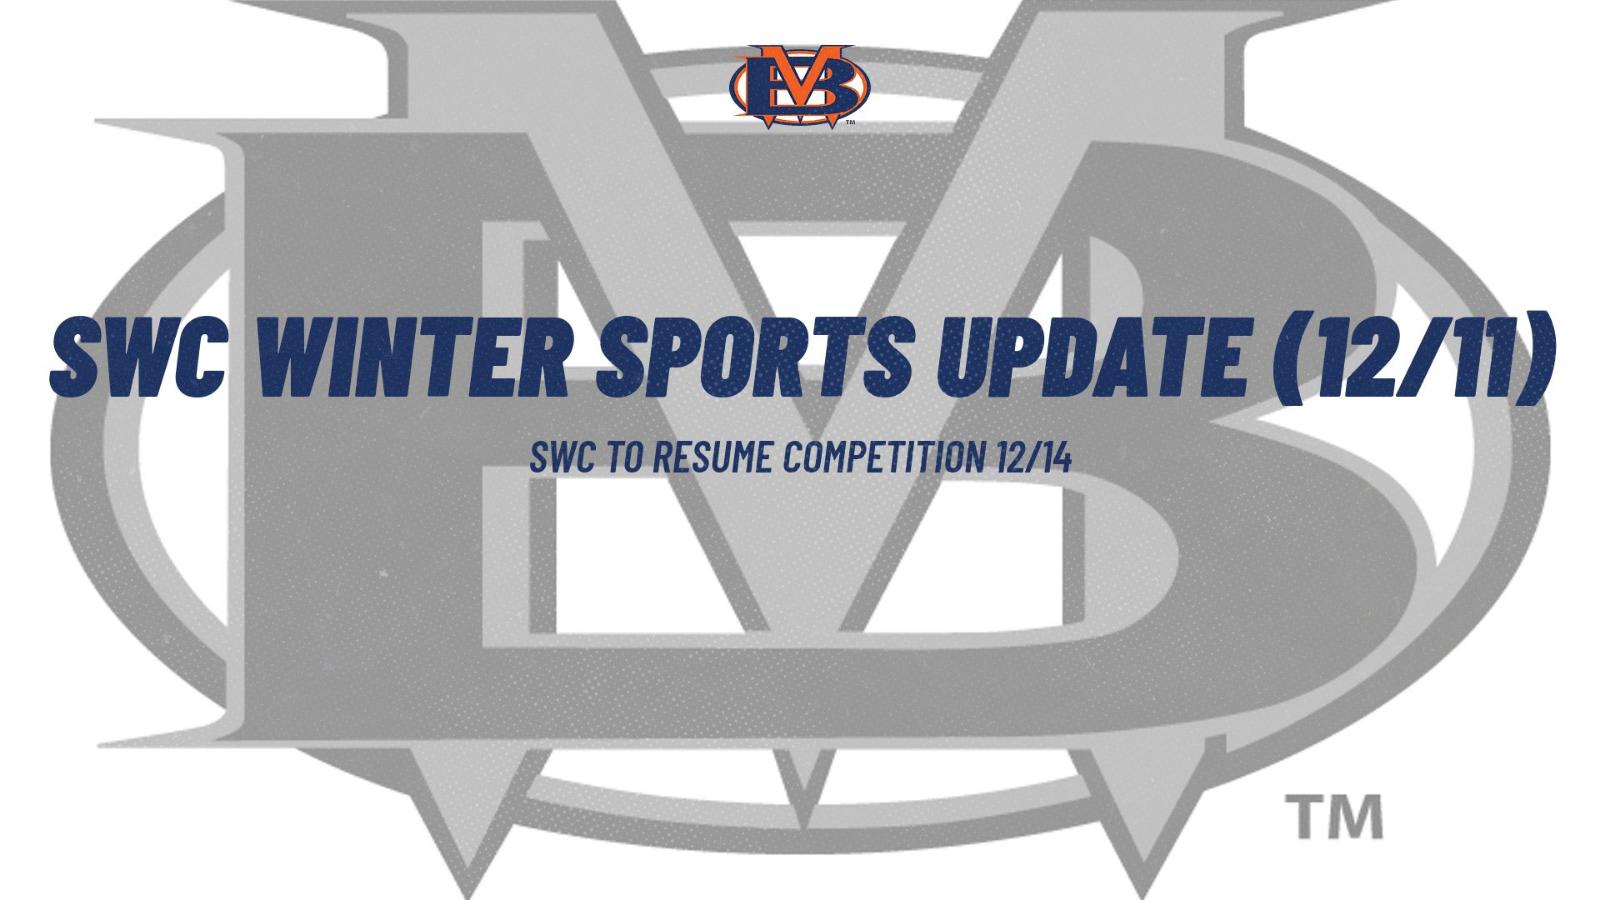 SWC Winter Sports Update (12/11)